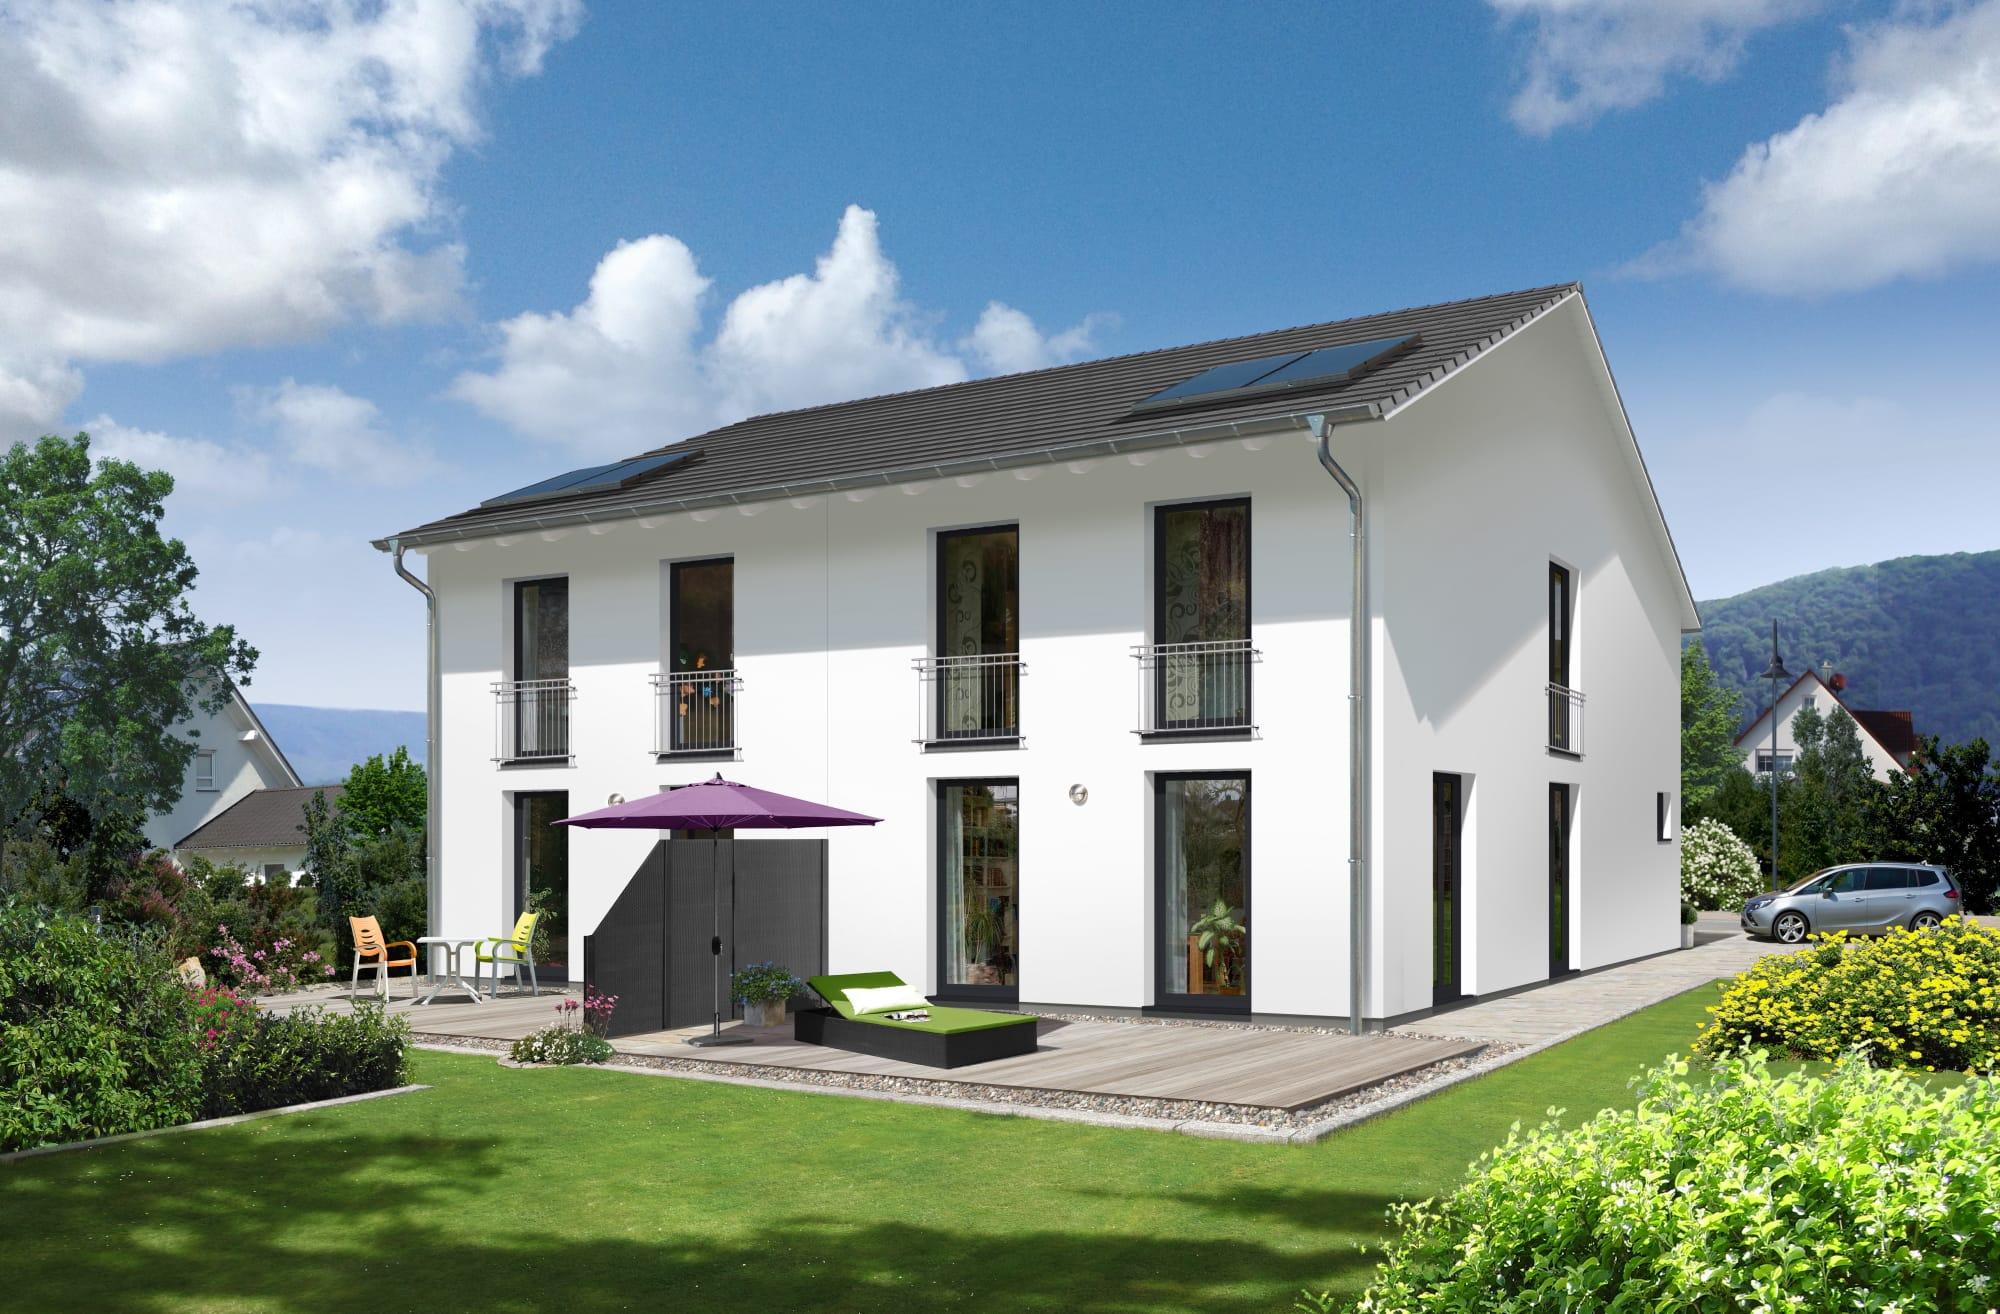 Schmales Doppelhaus mit Satteldach Architektur - Massivhaus schlüsselfertig bauen Ideen Town Country Haus Aura 125 Elegance - HausbauDirekt.de